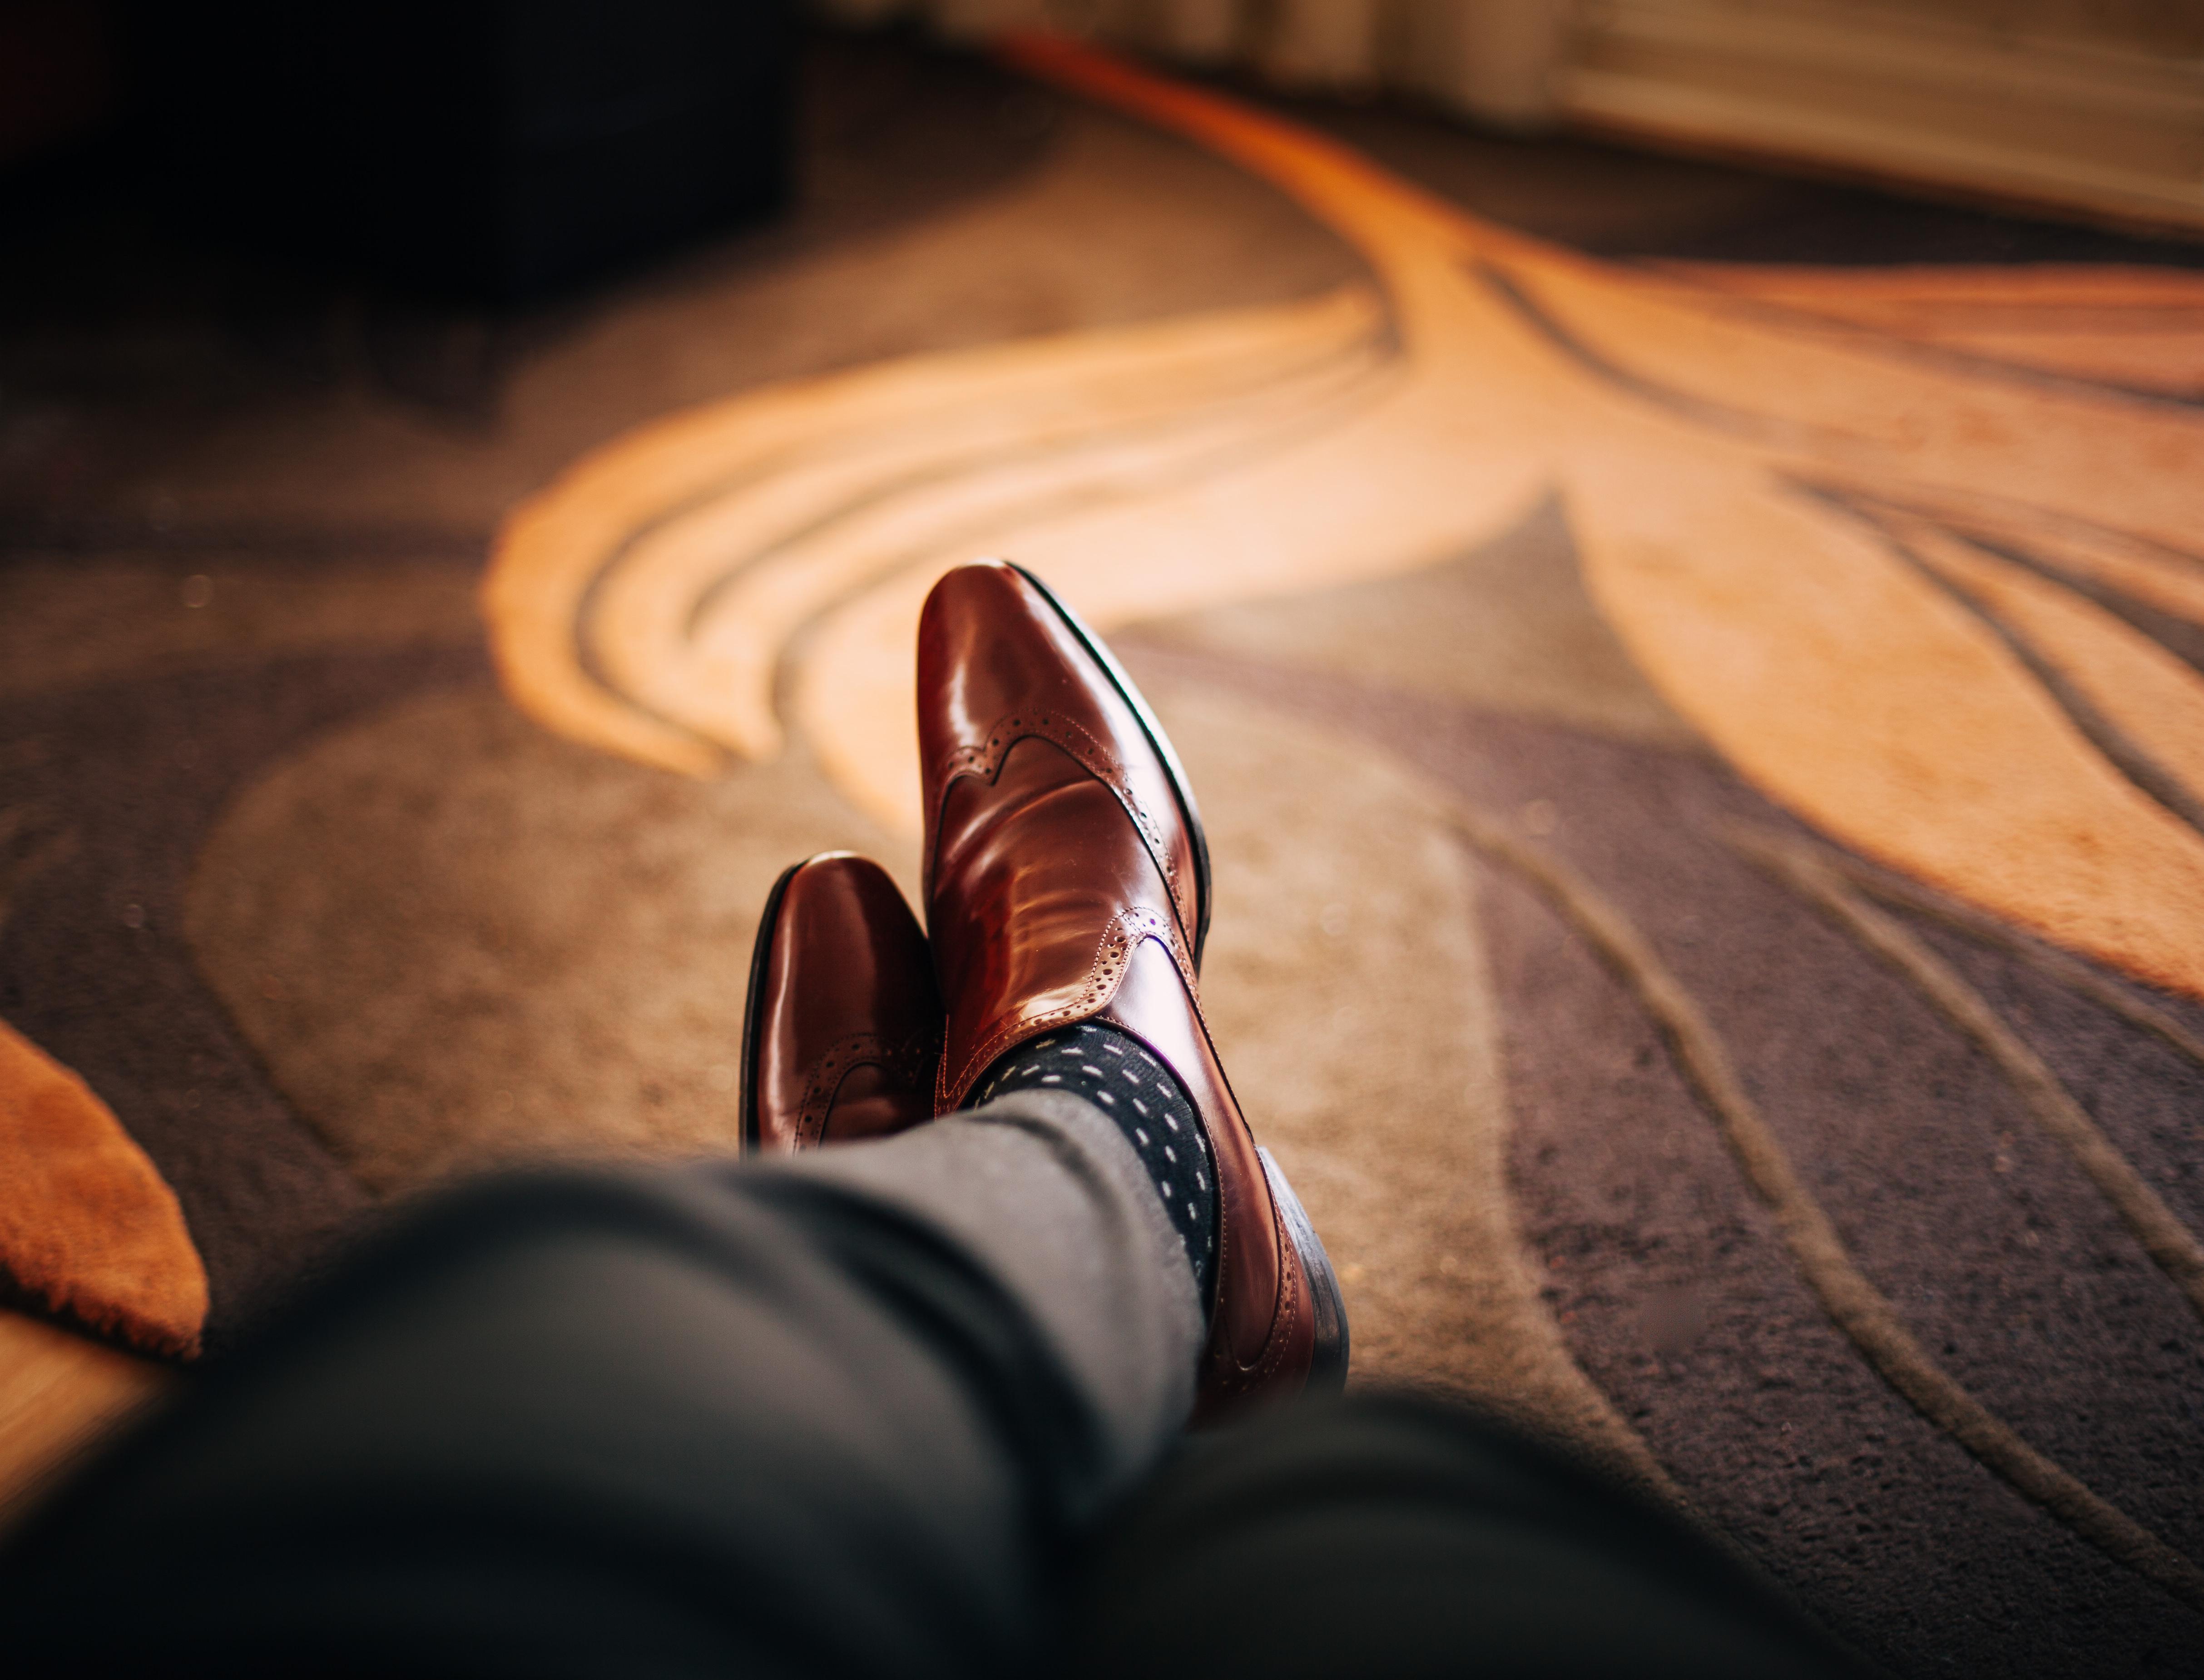 Photographystockphoto photographystockimages photographystock picture - Free Stock Photo Of Fashion Suit Shoes Luxury